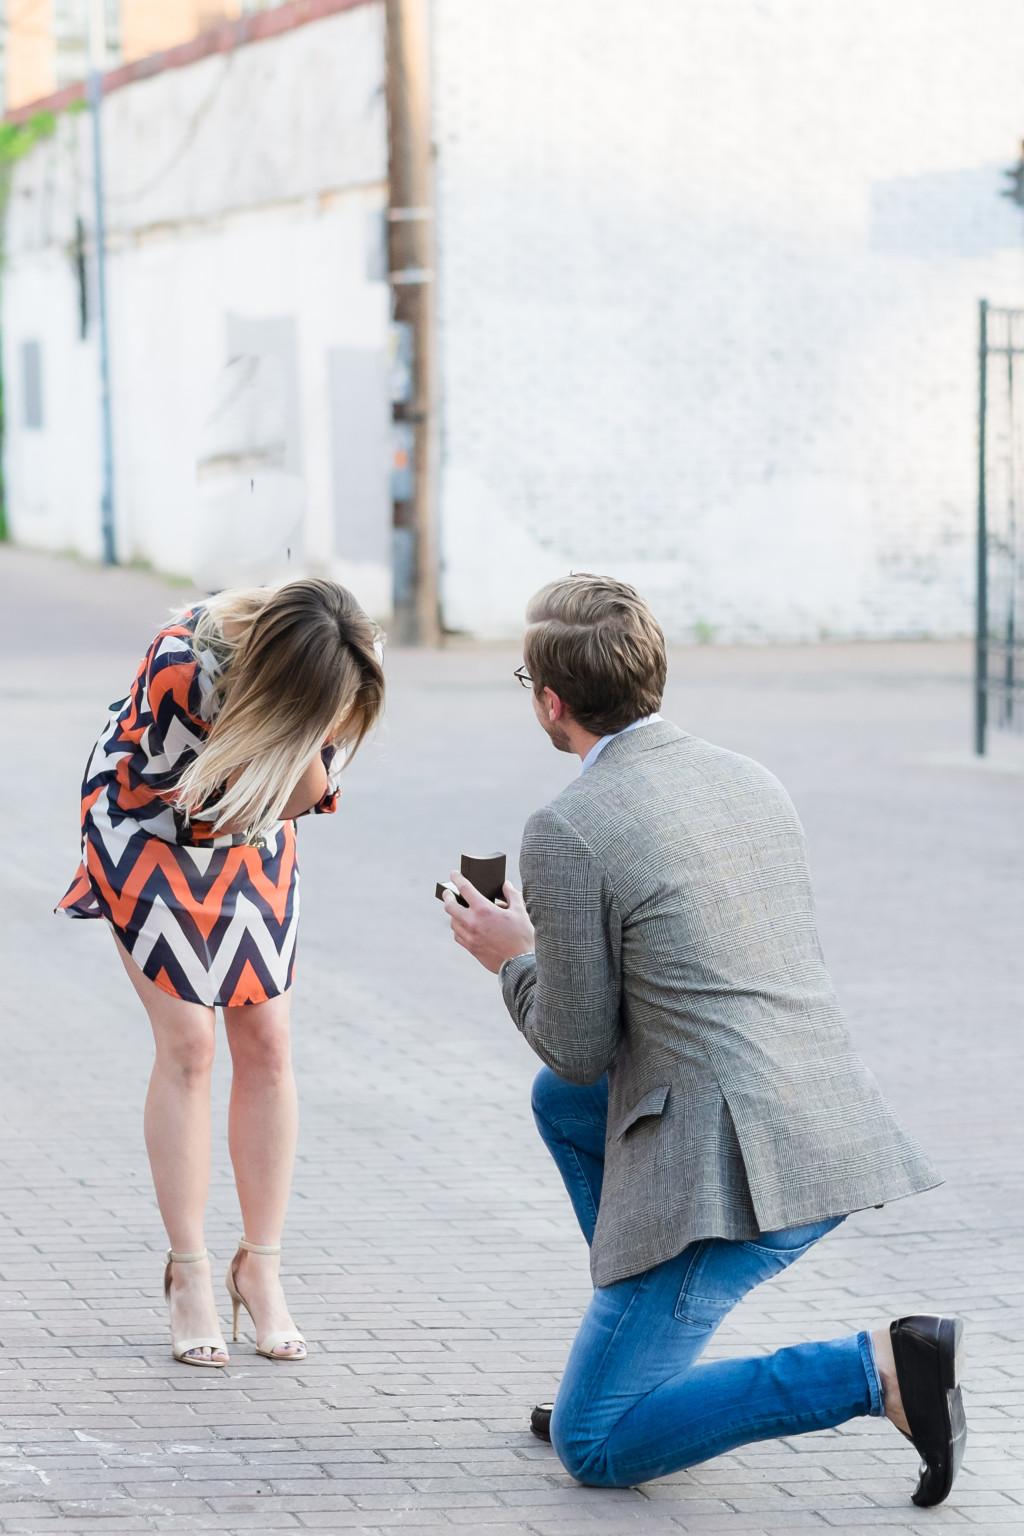 Proposal-Photographer-Photography-Rodney-Baileywww.rodneybailey.comProposal Photographer-DC-VA-MDEngagement-photography-Virginia-Maryland-Washington-DC